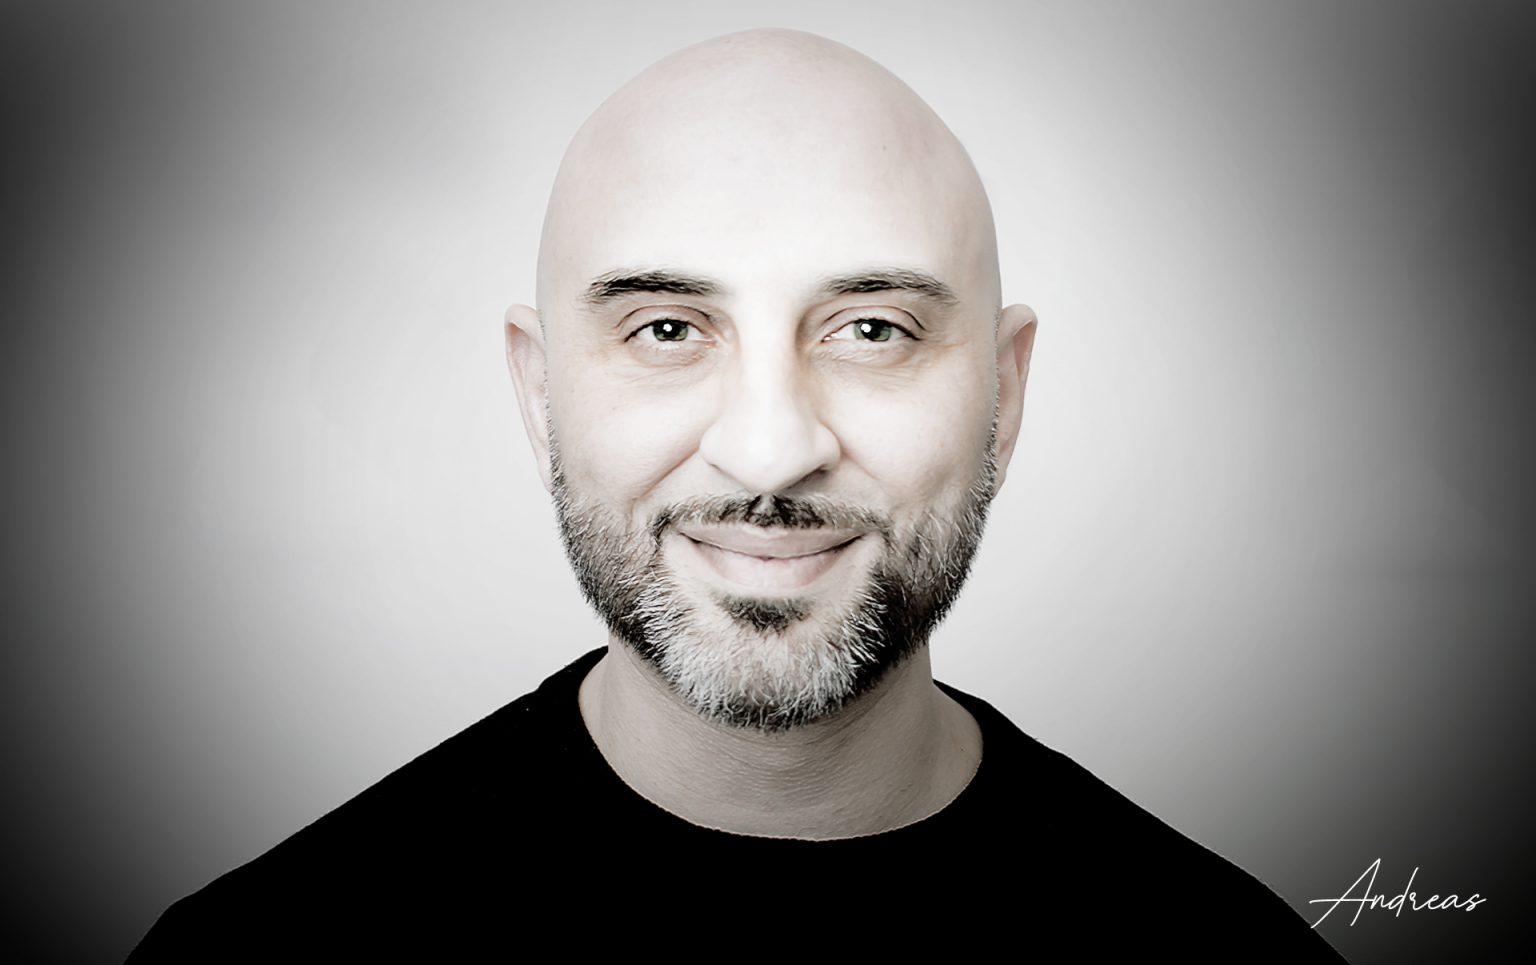 andreas samiotis; skincare brand owner; entrepreneur;